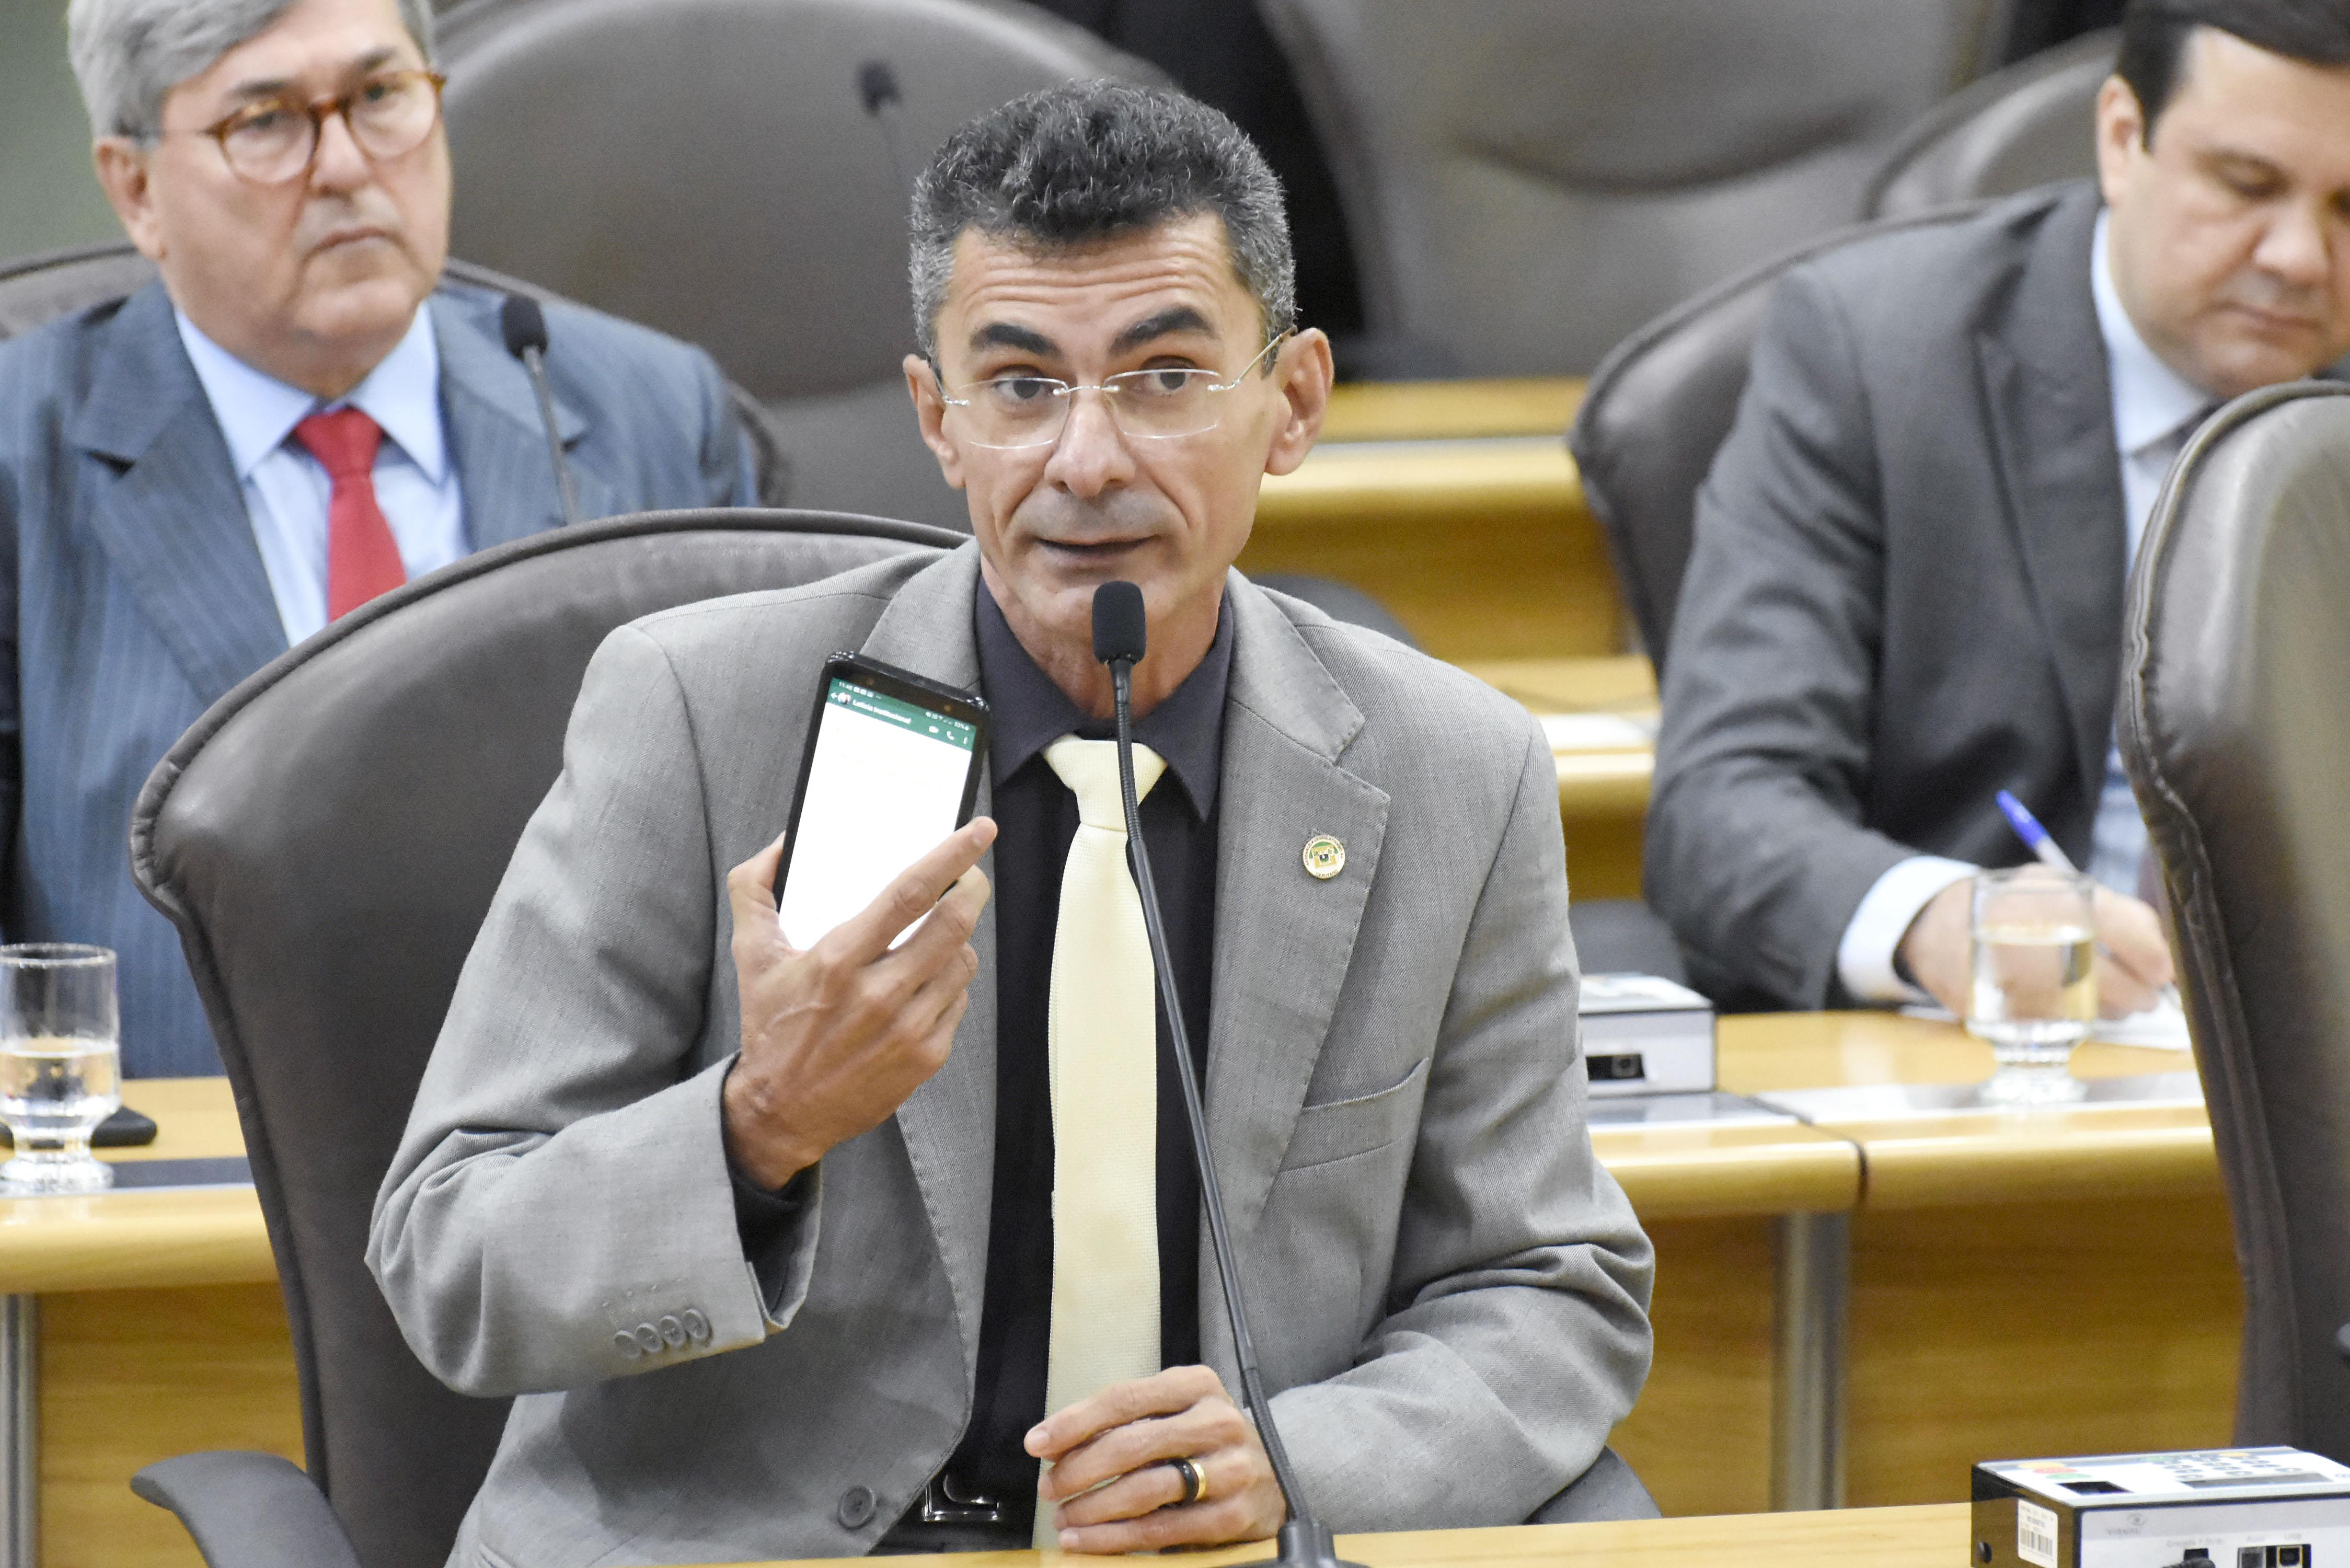 """Sindicato detona deputado do PT após votação: """"Jogou história no lixo"""""""